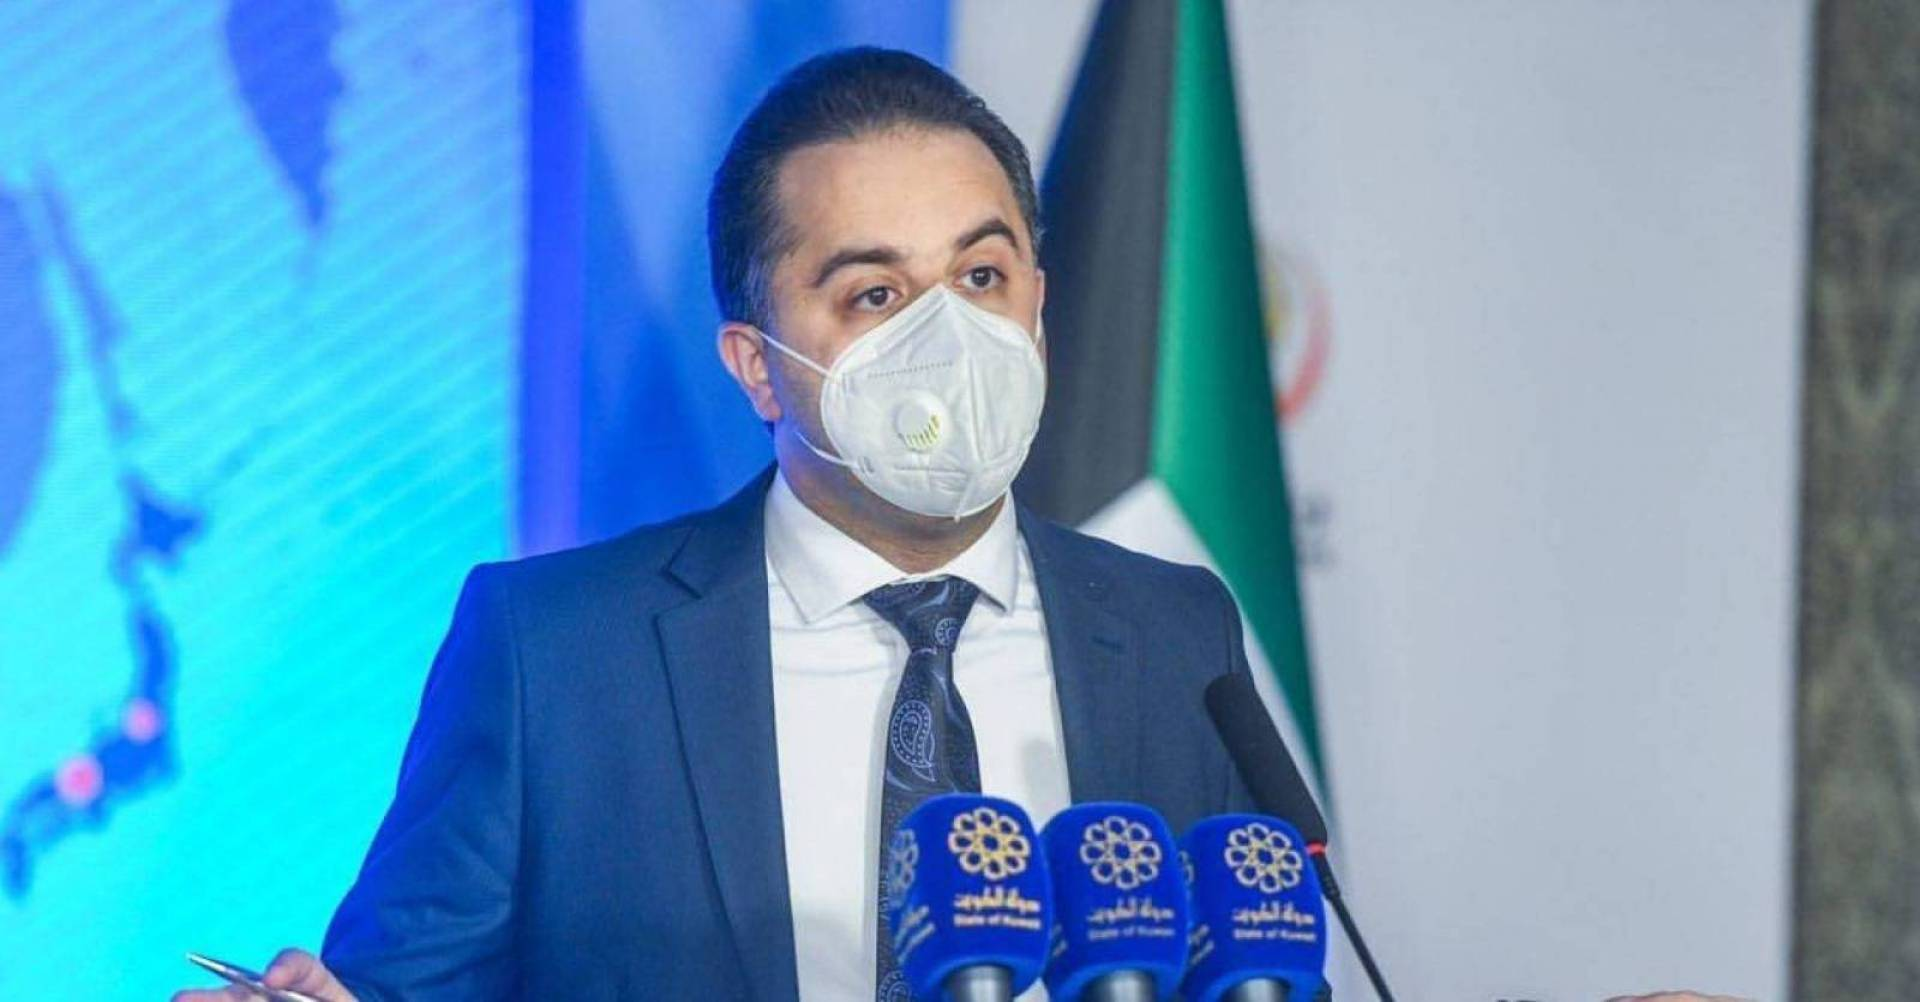 وزارة الصحة تعلن رصد إصابة مواطنتين بـ «كوفيد 20»